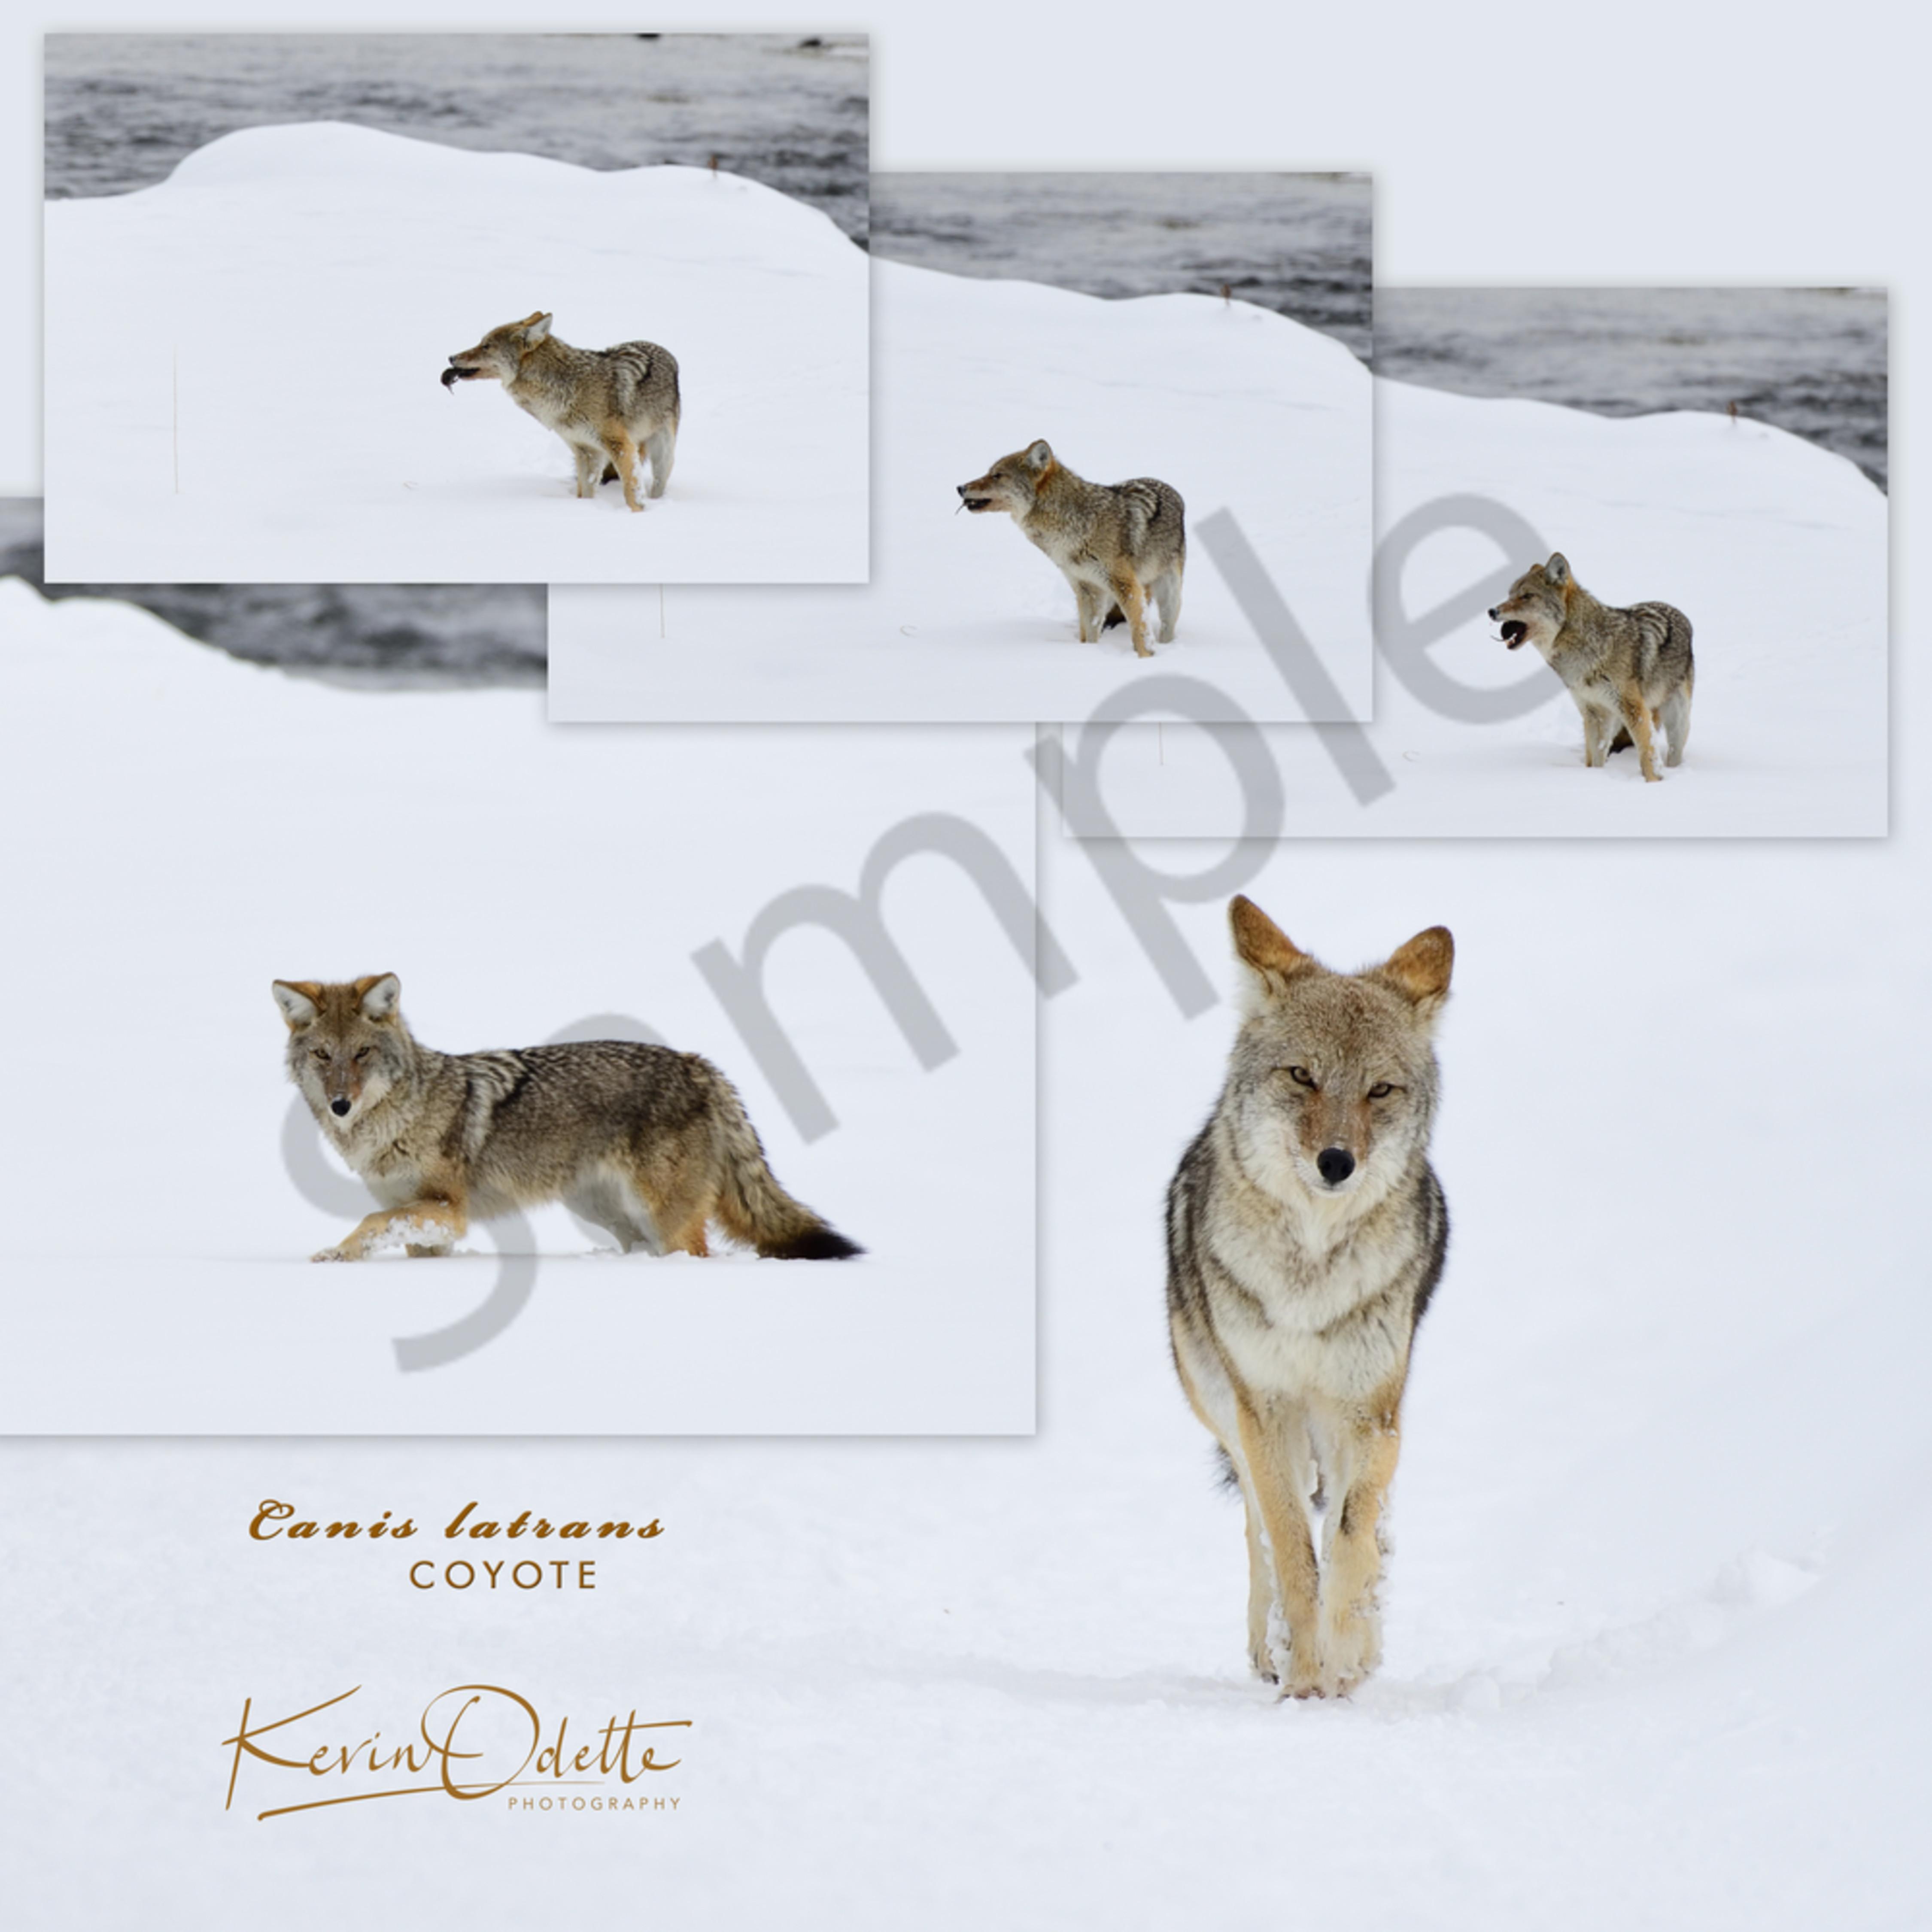 Coyote collage feb 2019 ii gixjme